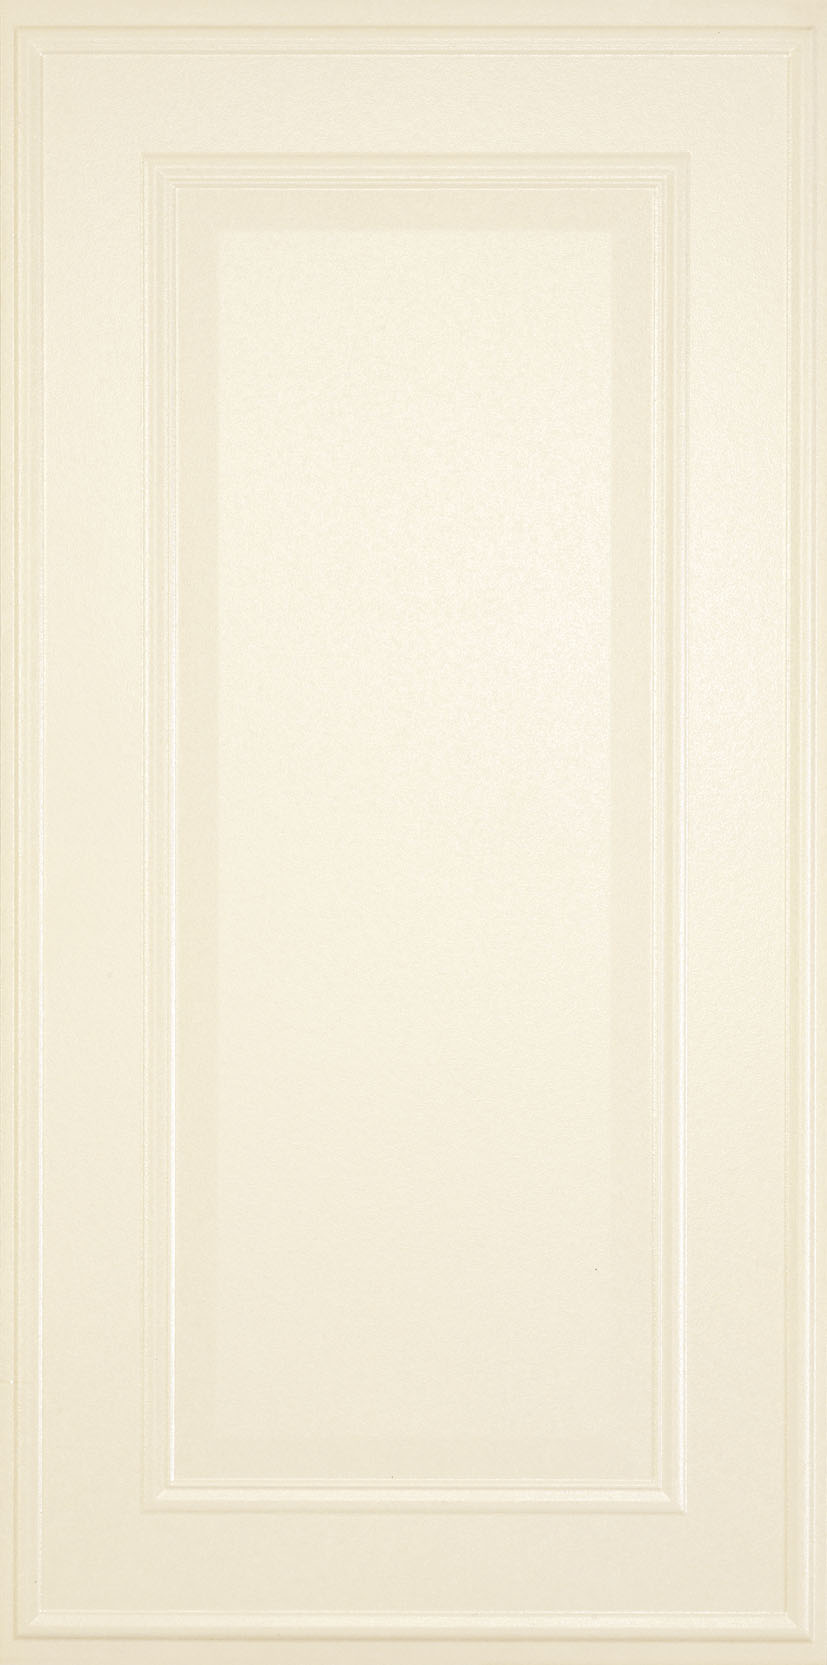 Купить Керамическая плитка Piemme Boiserie MRV015 Cornice Avorio 30x60, 2, Италия